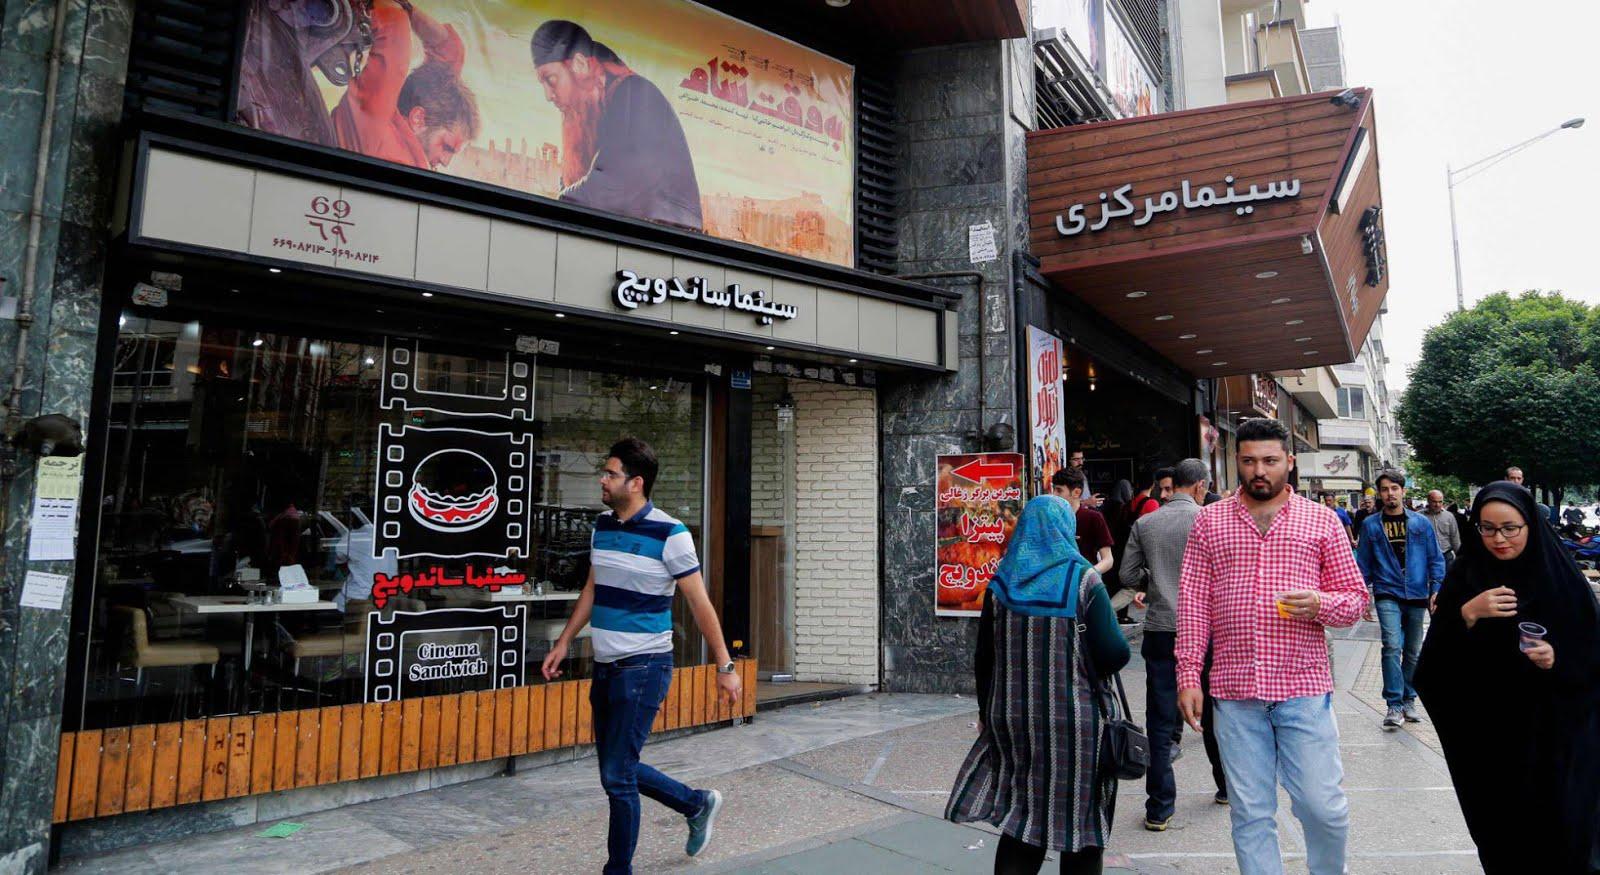 Fin de los sueños revolucionarios en Irán